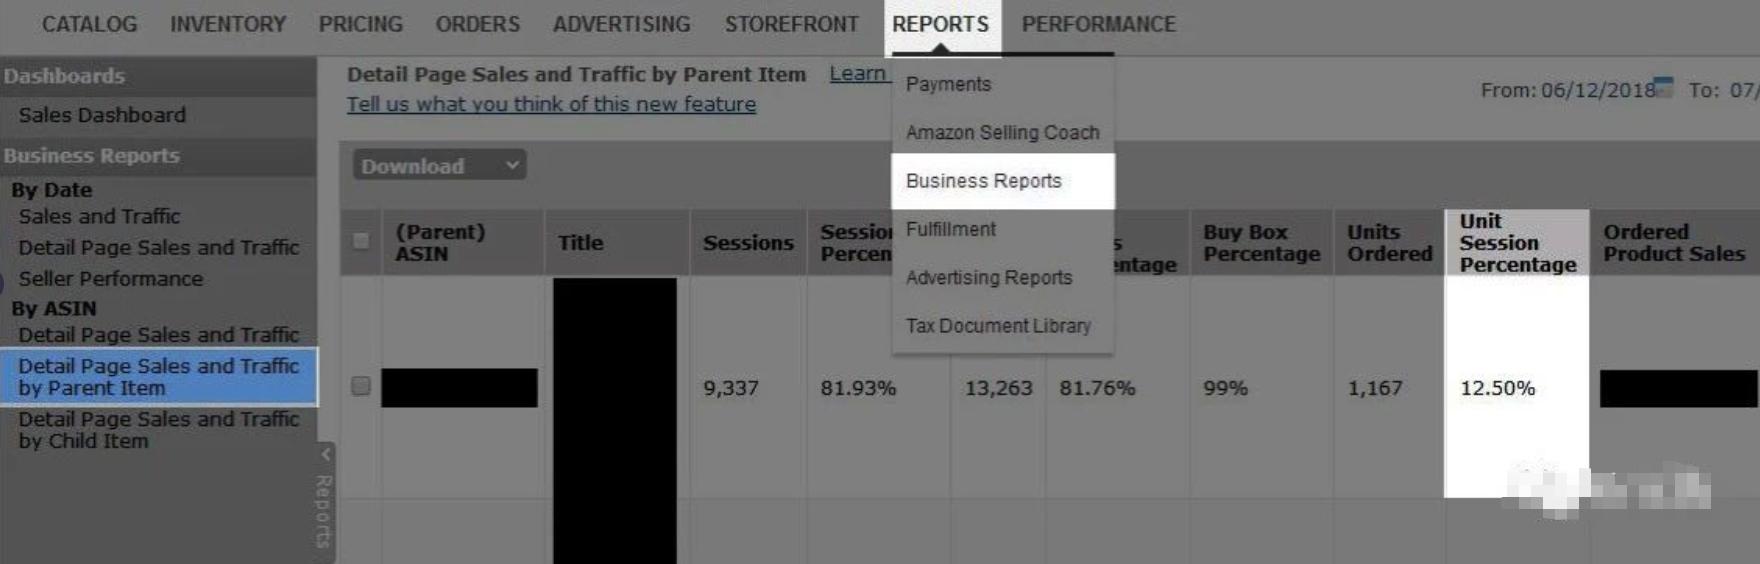 亚马逊广告投放工具:亚马逊广告如何选择适当的竞价?